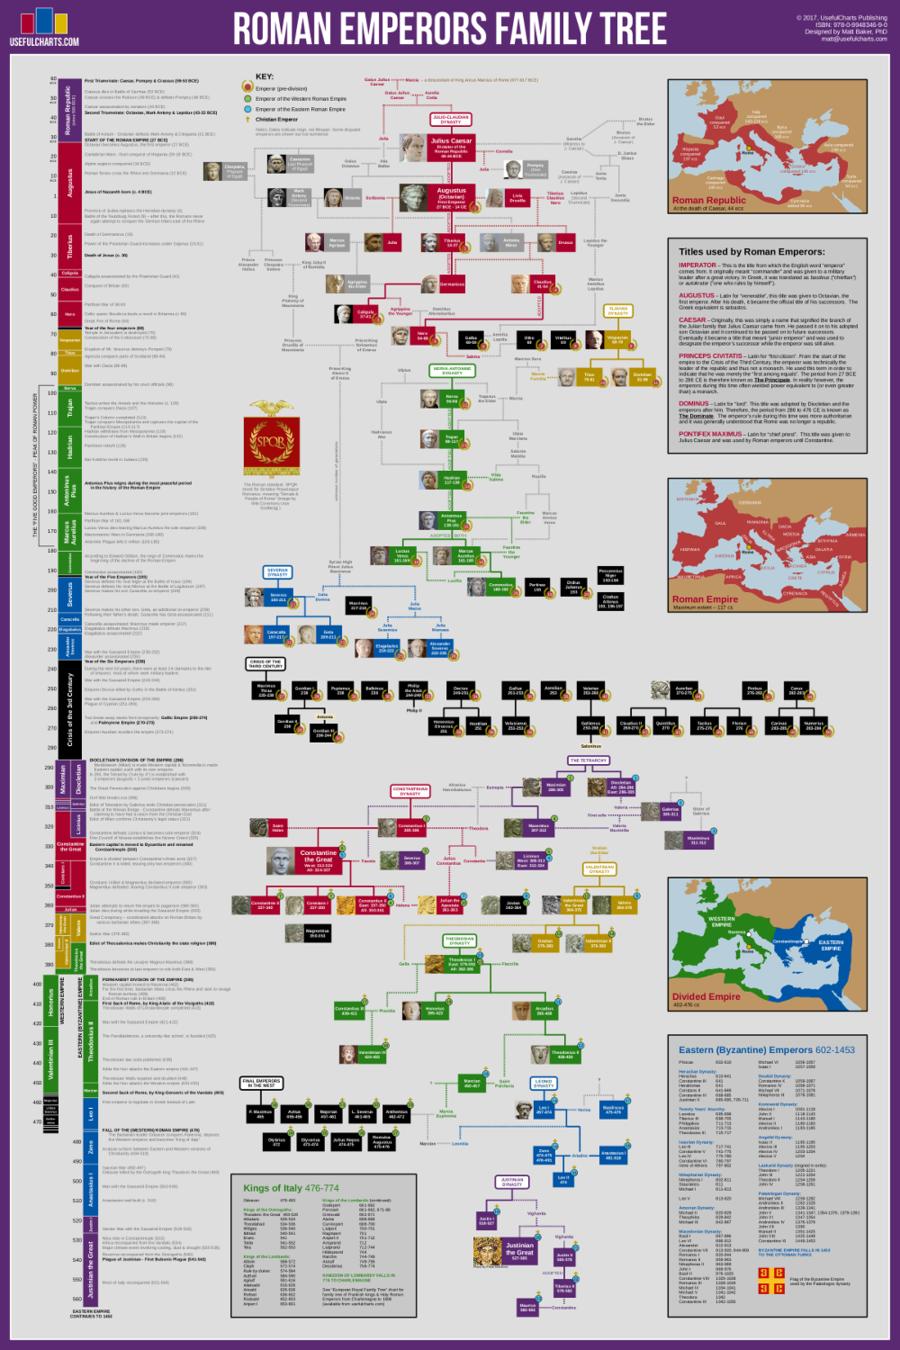 Roman Emperors Family Tree